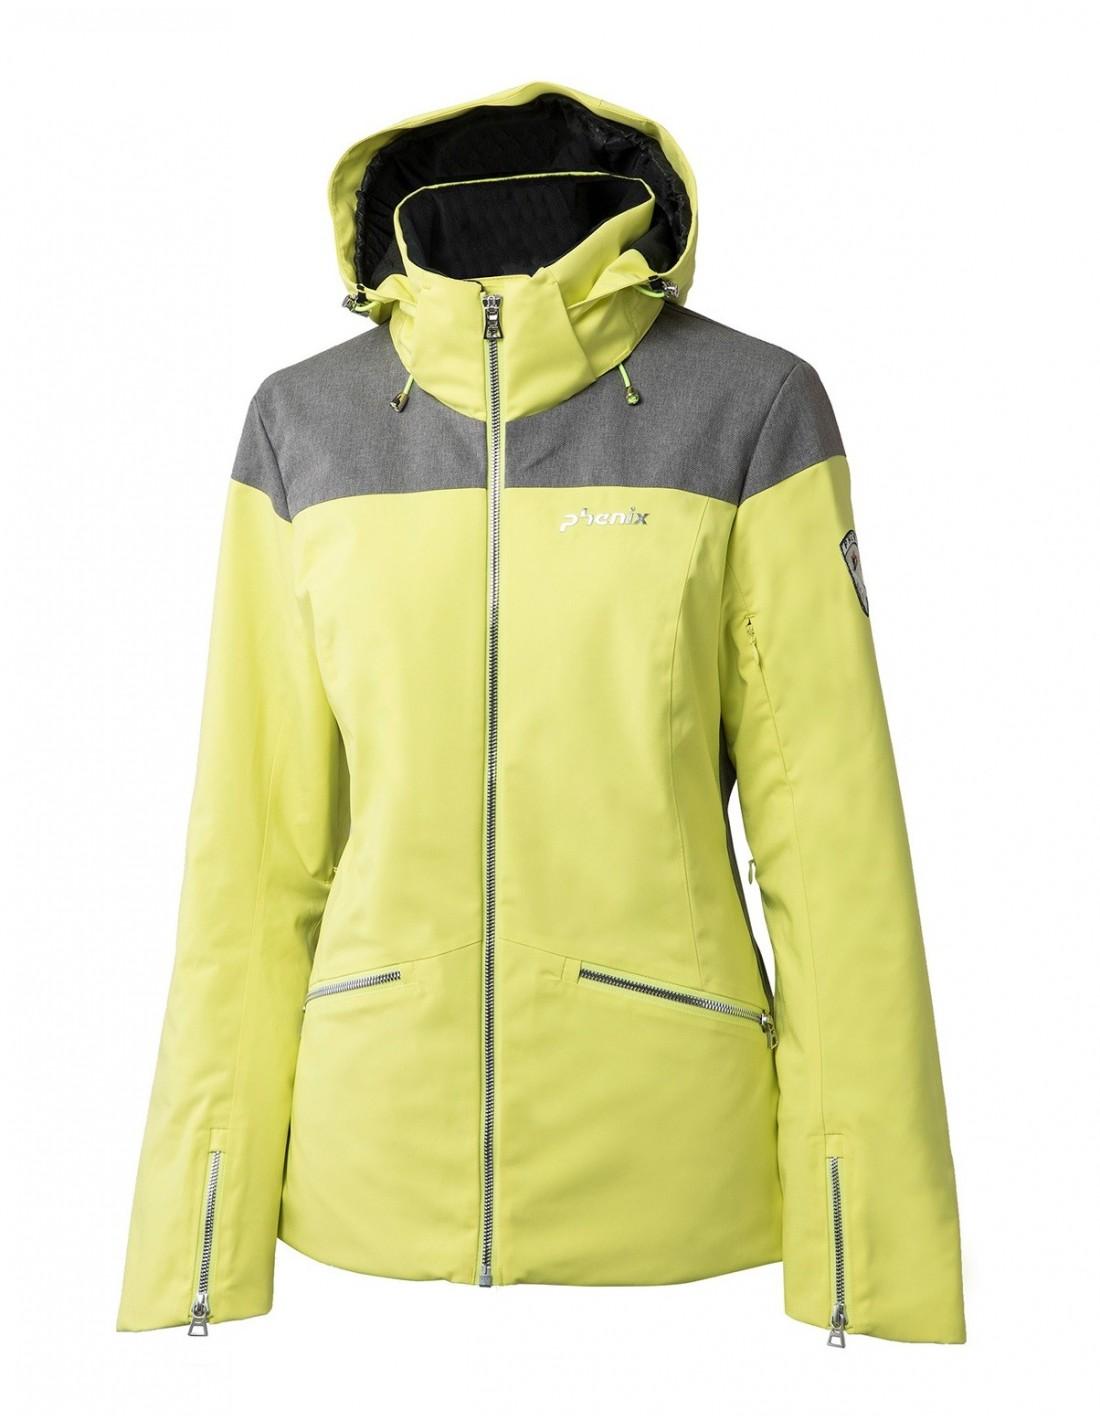 più economico 92d11 71bda Giacca sci Phenix Virgin Snow donna